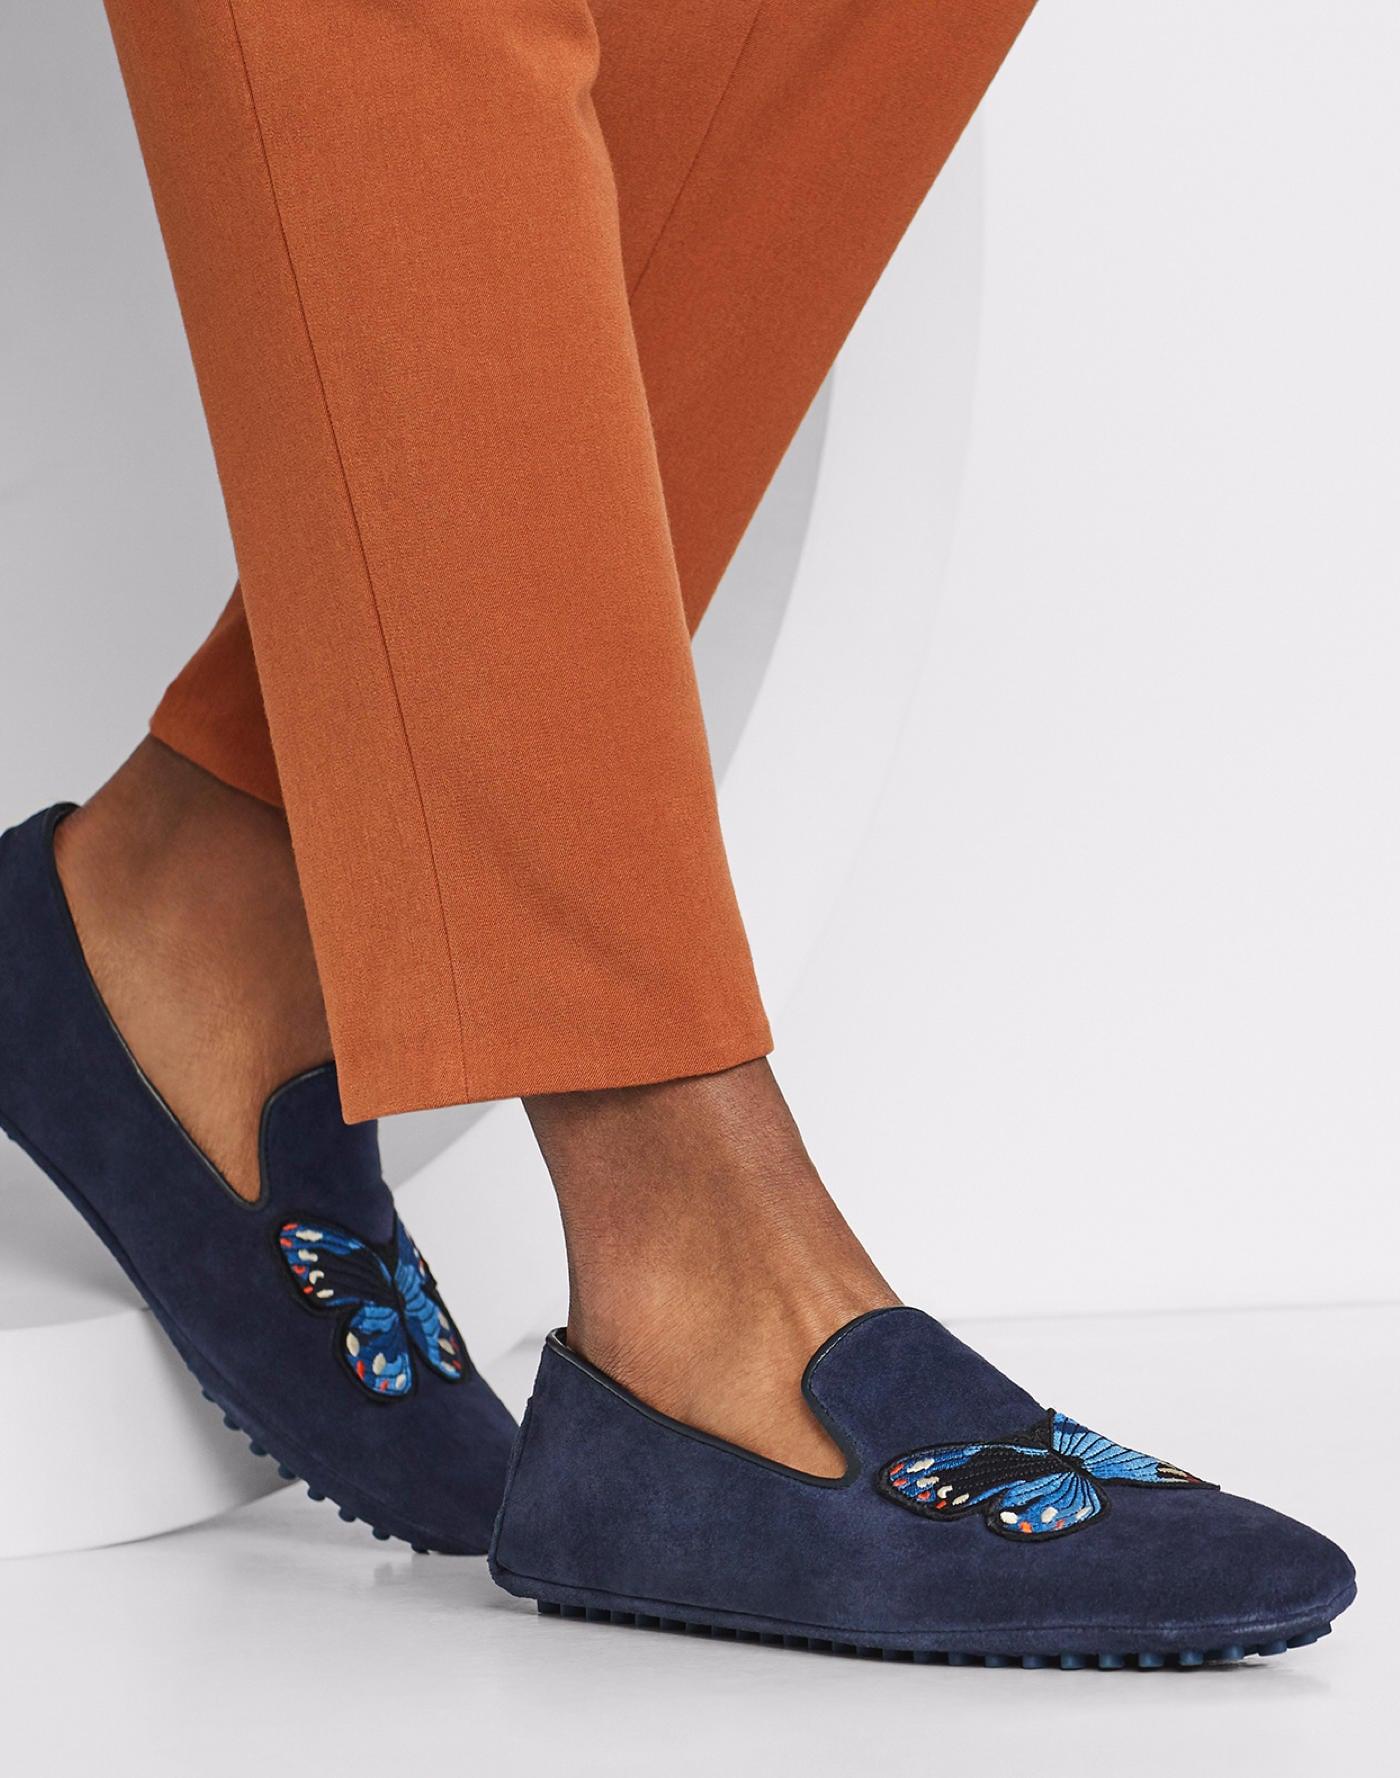 b05cbfb9f5c Men's Shoes, Boots, Sandals, Sneakers, Bags and Accessories | ALDO US |  Aldoshoes.com US